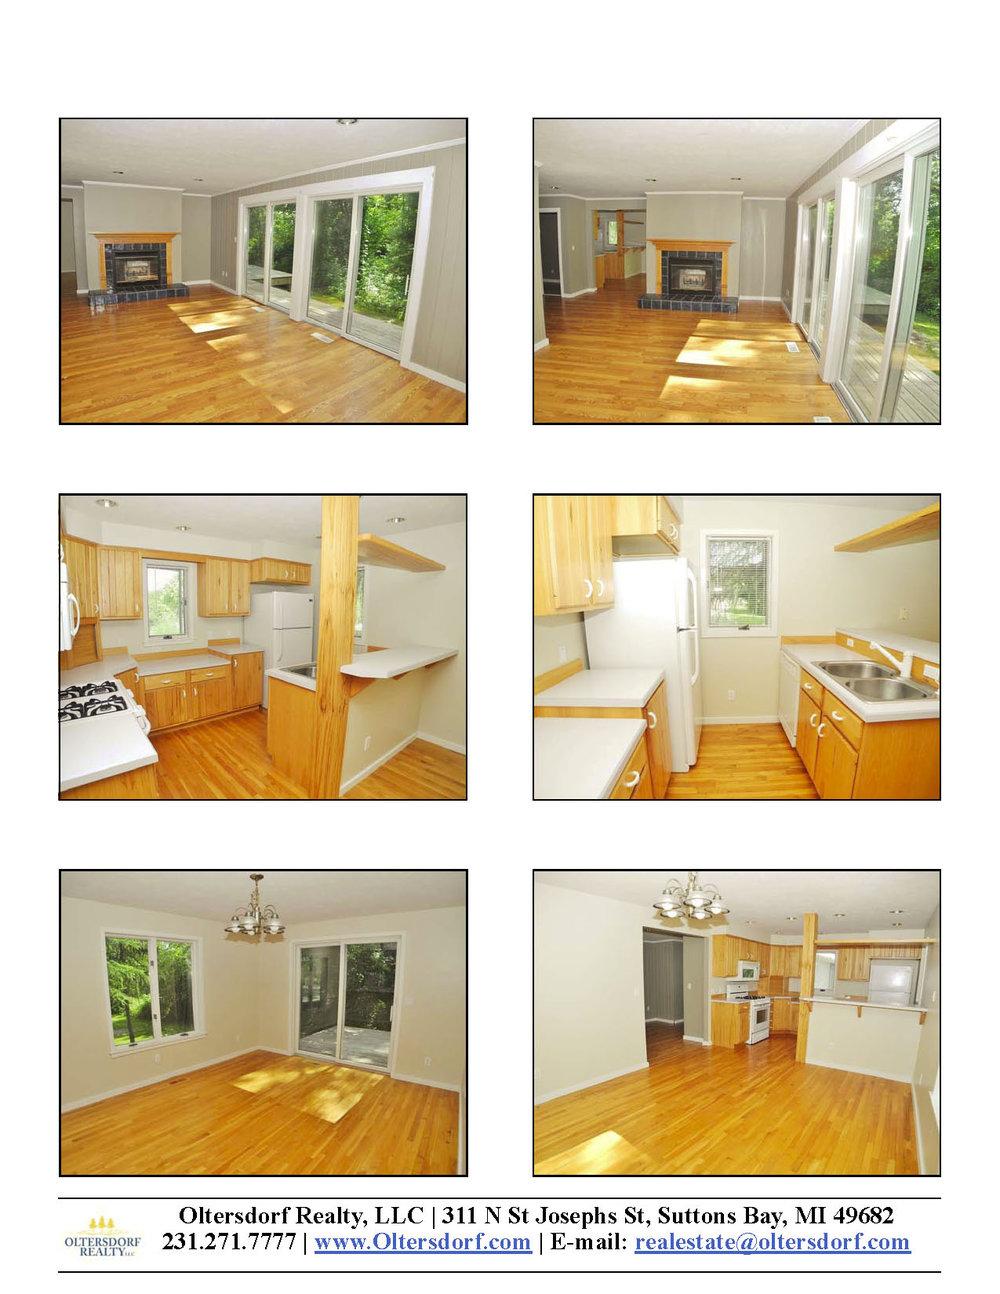 45 N Eagle Highway, Lake Leelanau, Real Estate For Sale by Oltersdorf Realty - Marketing Packet (3).jpg